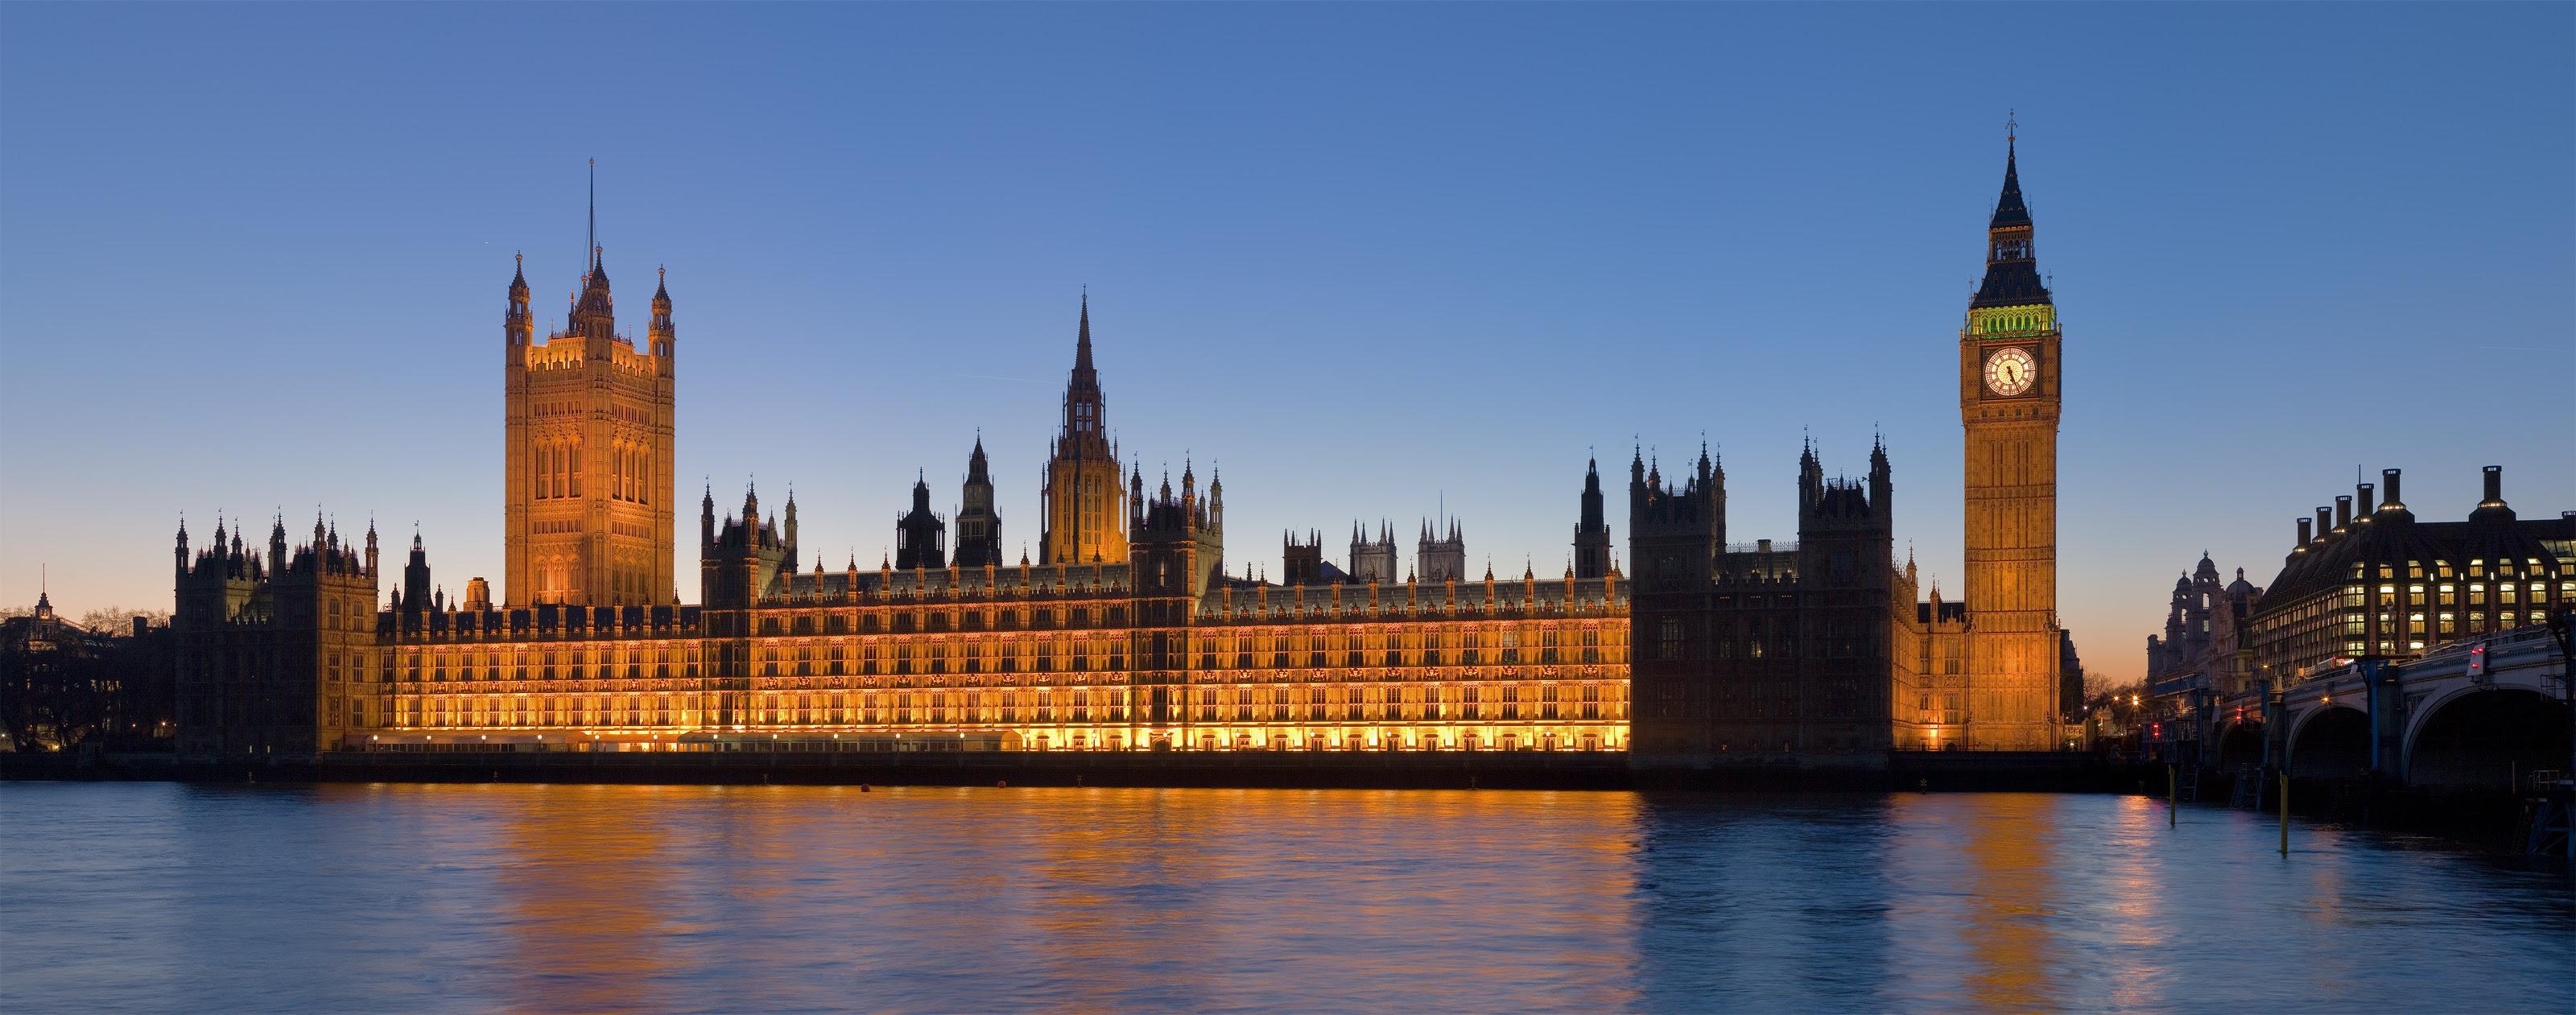 O Palácio de Westminster visto através do doce Tamisa onde o poeta Eliot escreveu a Terra Desolada.